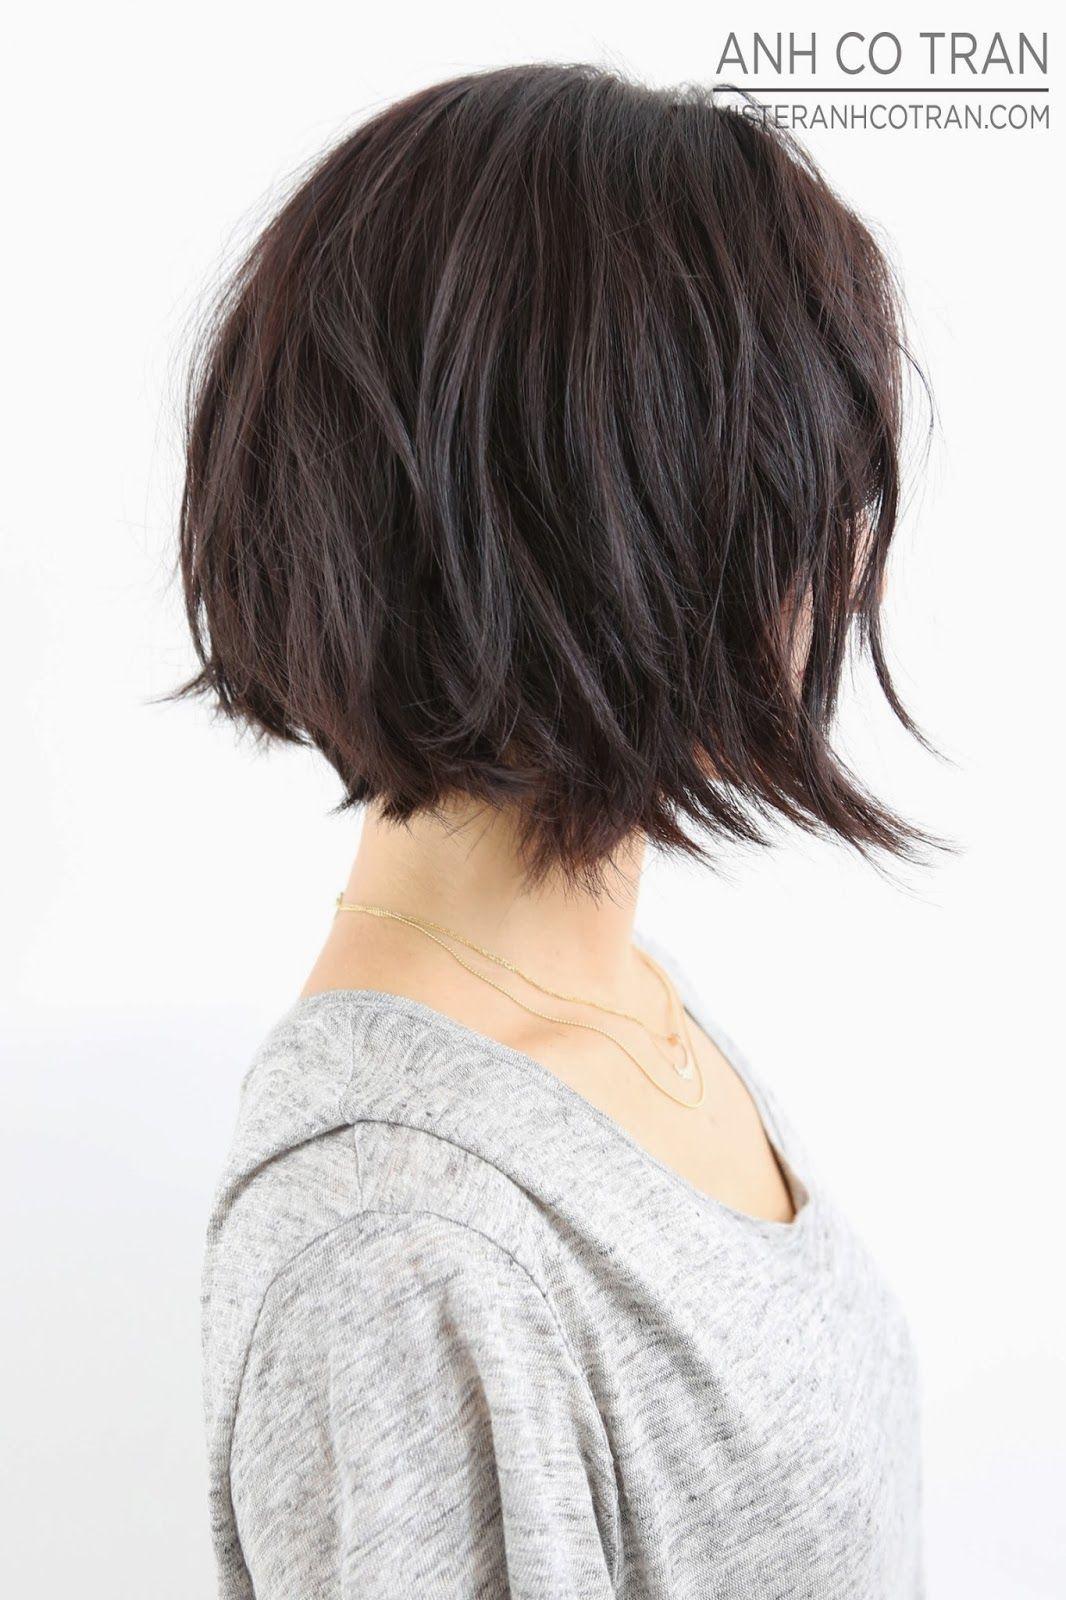 Cute cut cute hairstyles and color pinterest hair hair